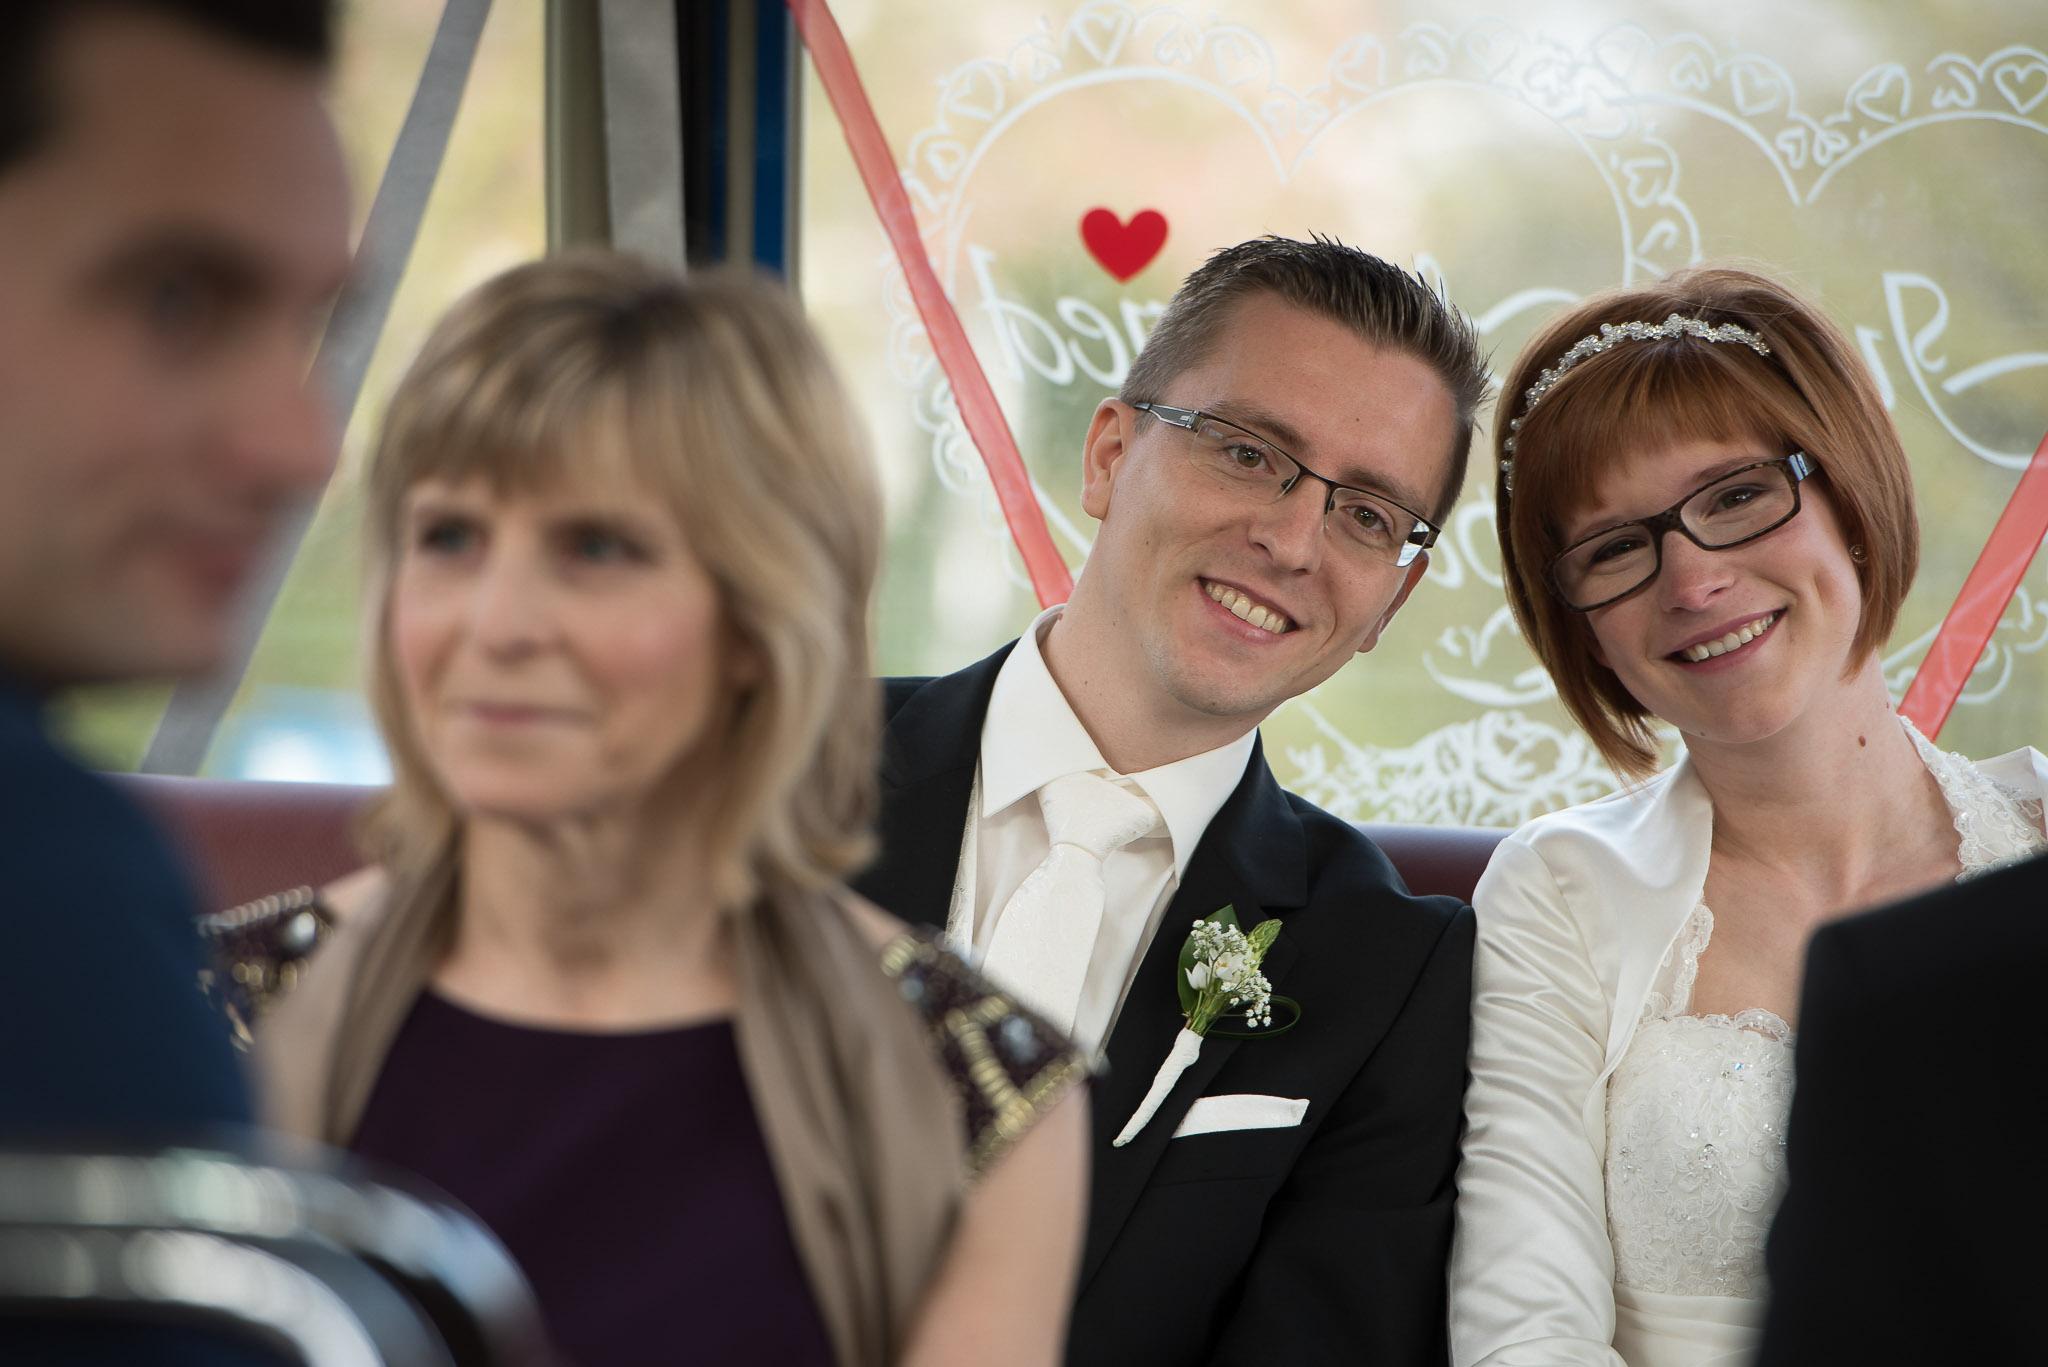 foto genomen door de trouwfotograaf van het bruidspaar op de trouwbus in Lokeren